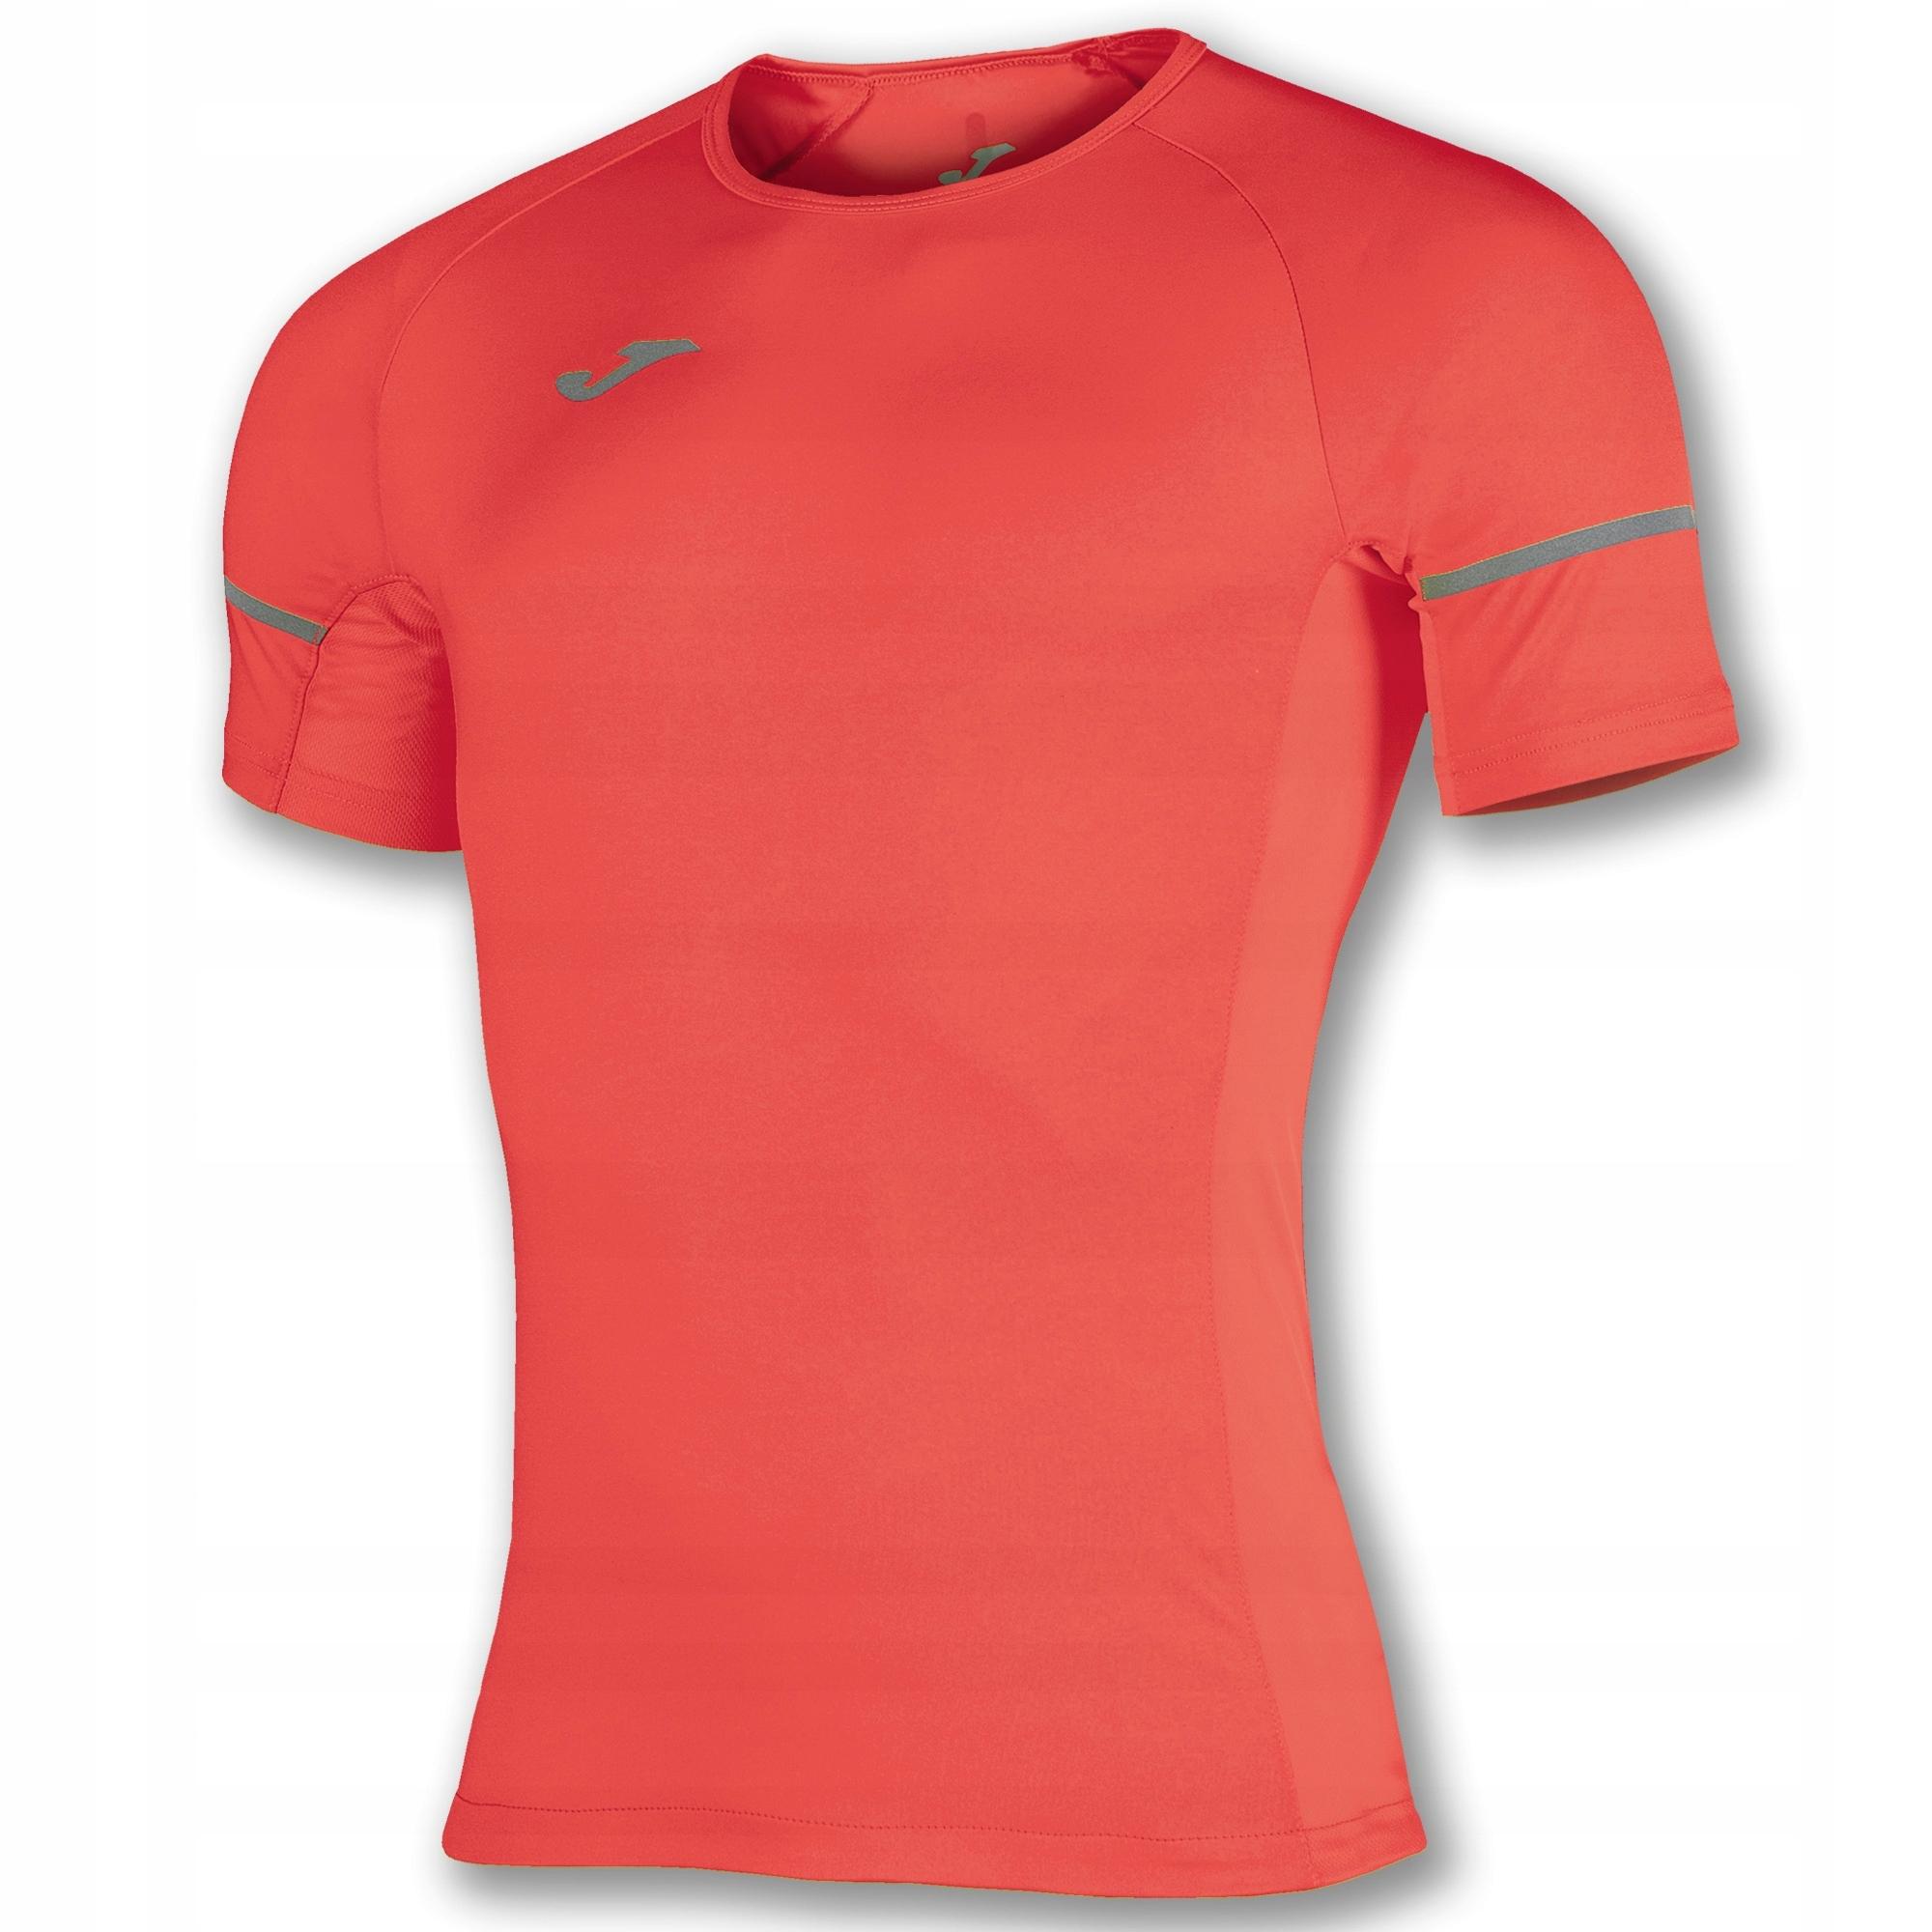 14aab3b41 Koszulka JOMA Race bieganie tenis silownia - 7465976116 - oficjalne ...